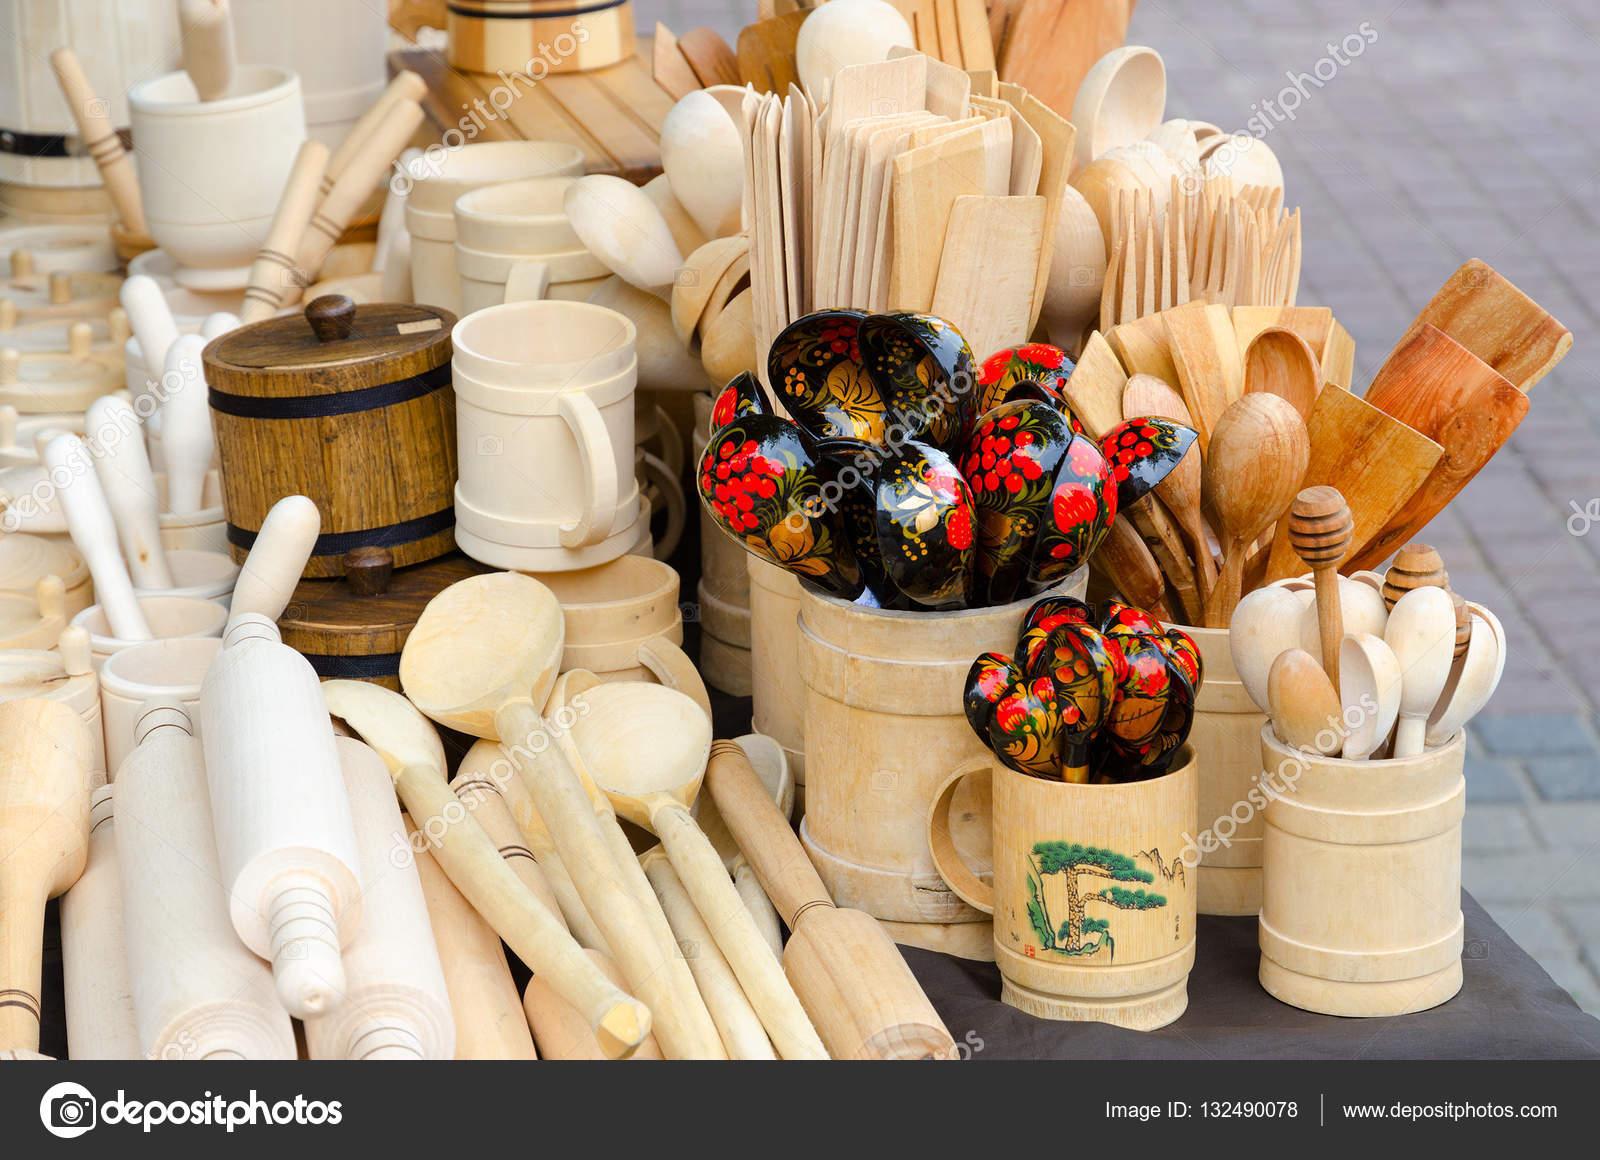 utensilios de cocina de madera — Foto de stock © Olga355 #132490078